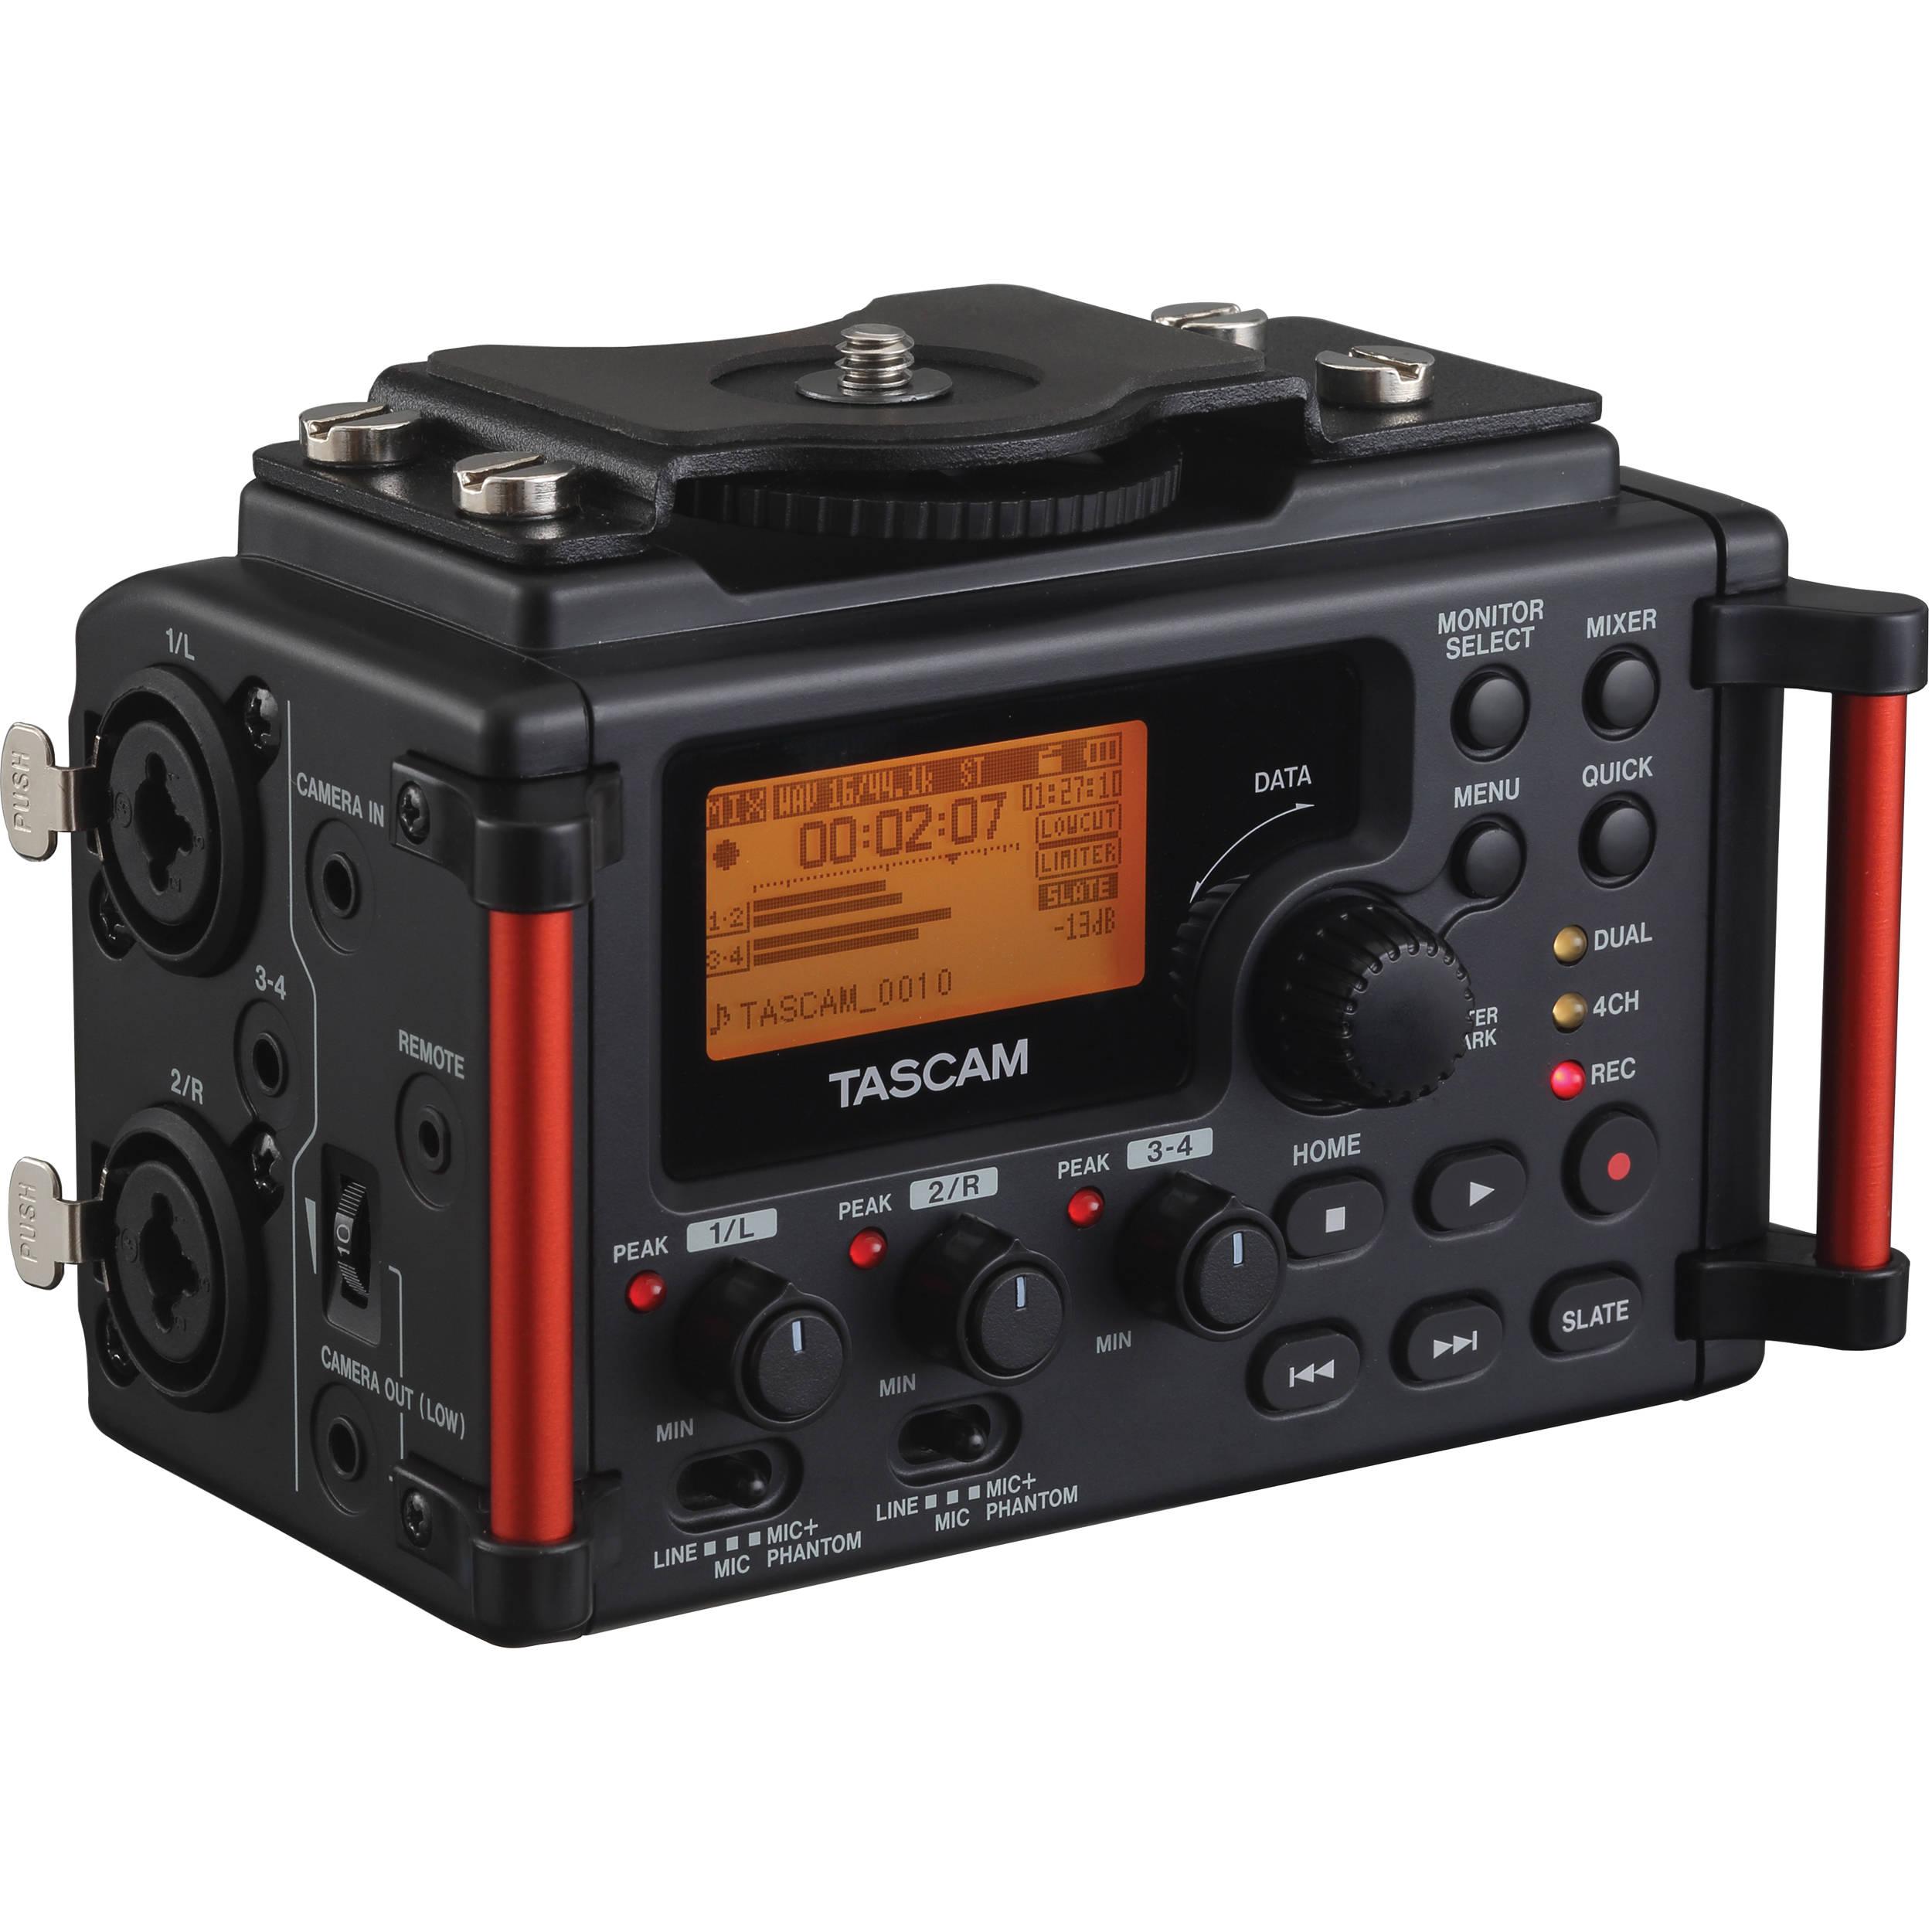 Tascam DR-60MK2 Portable Recorder Designed for DSLR Filmmakers